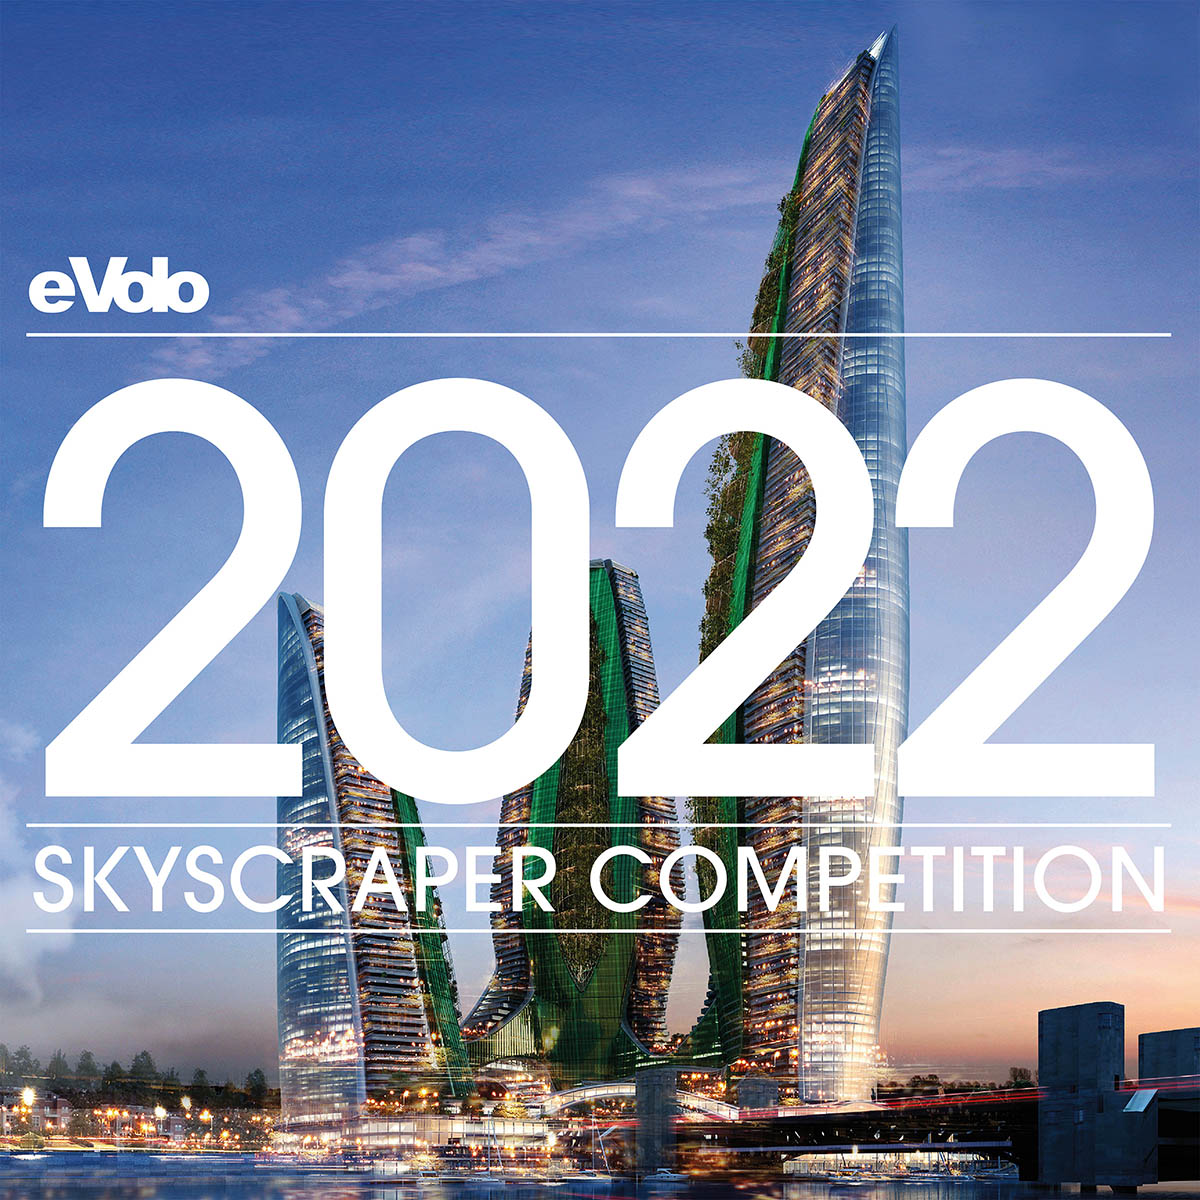 evolo 2022